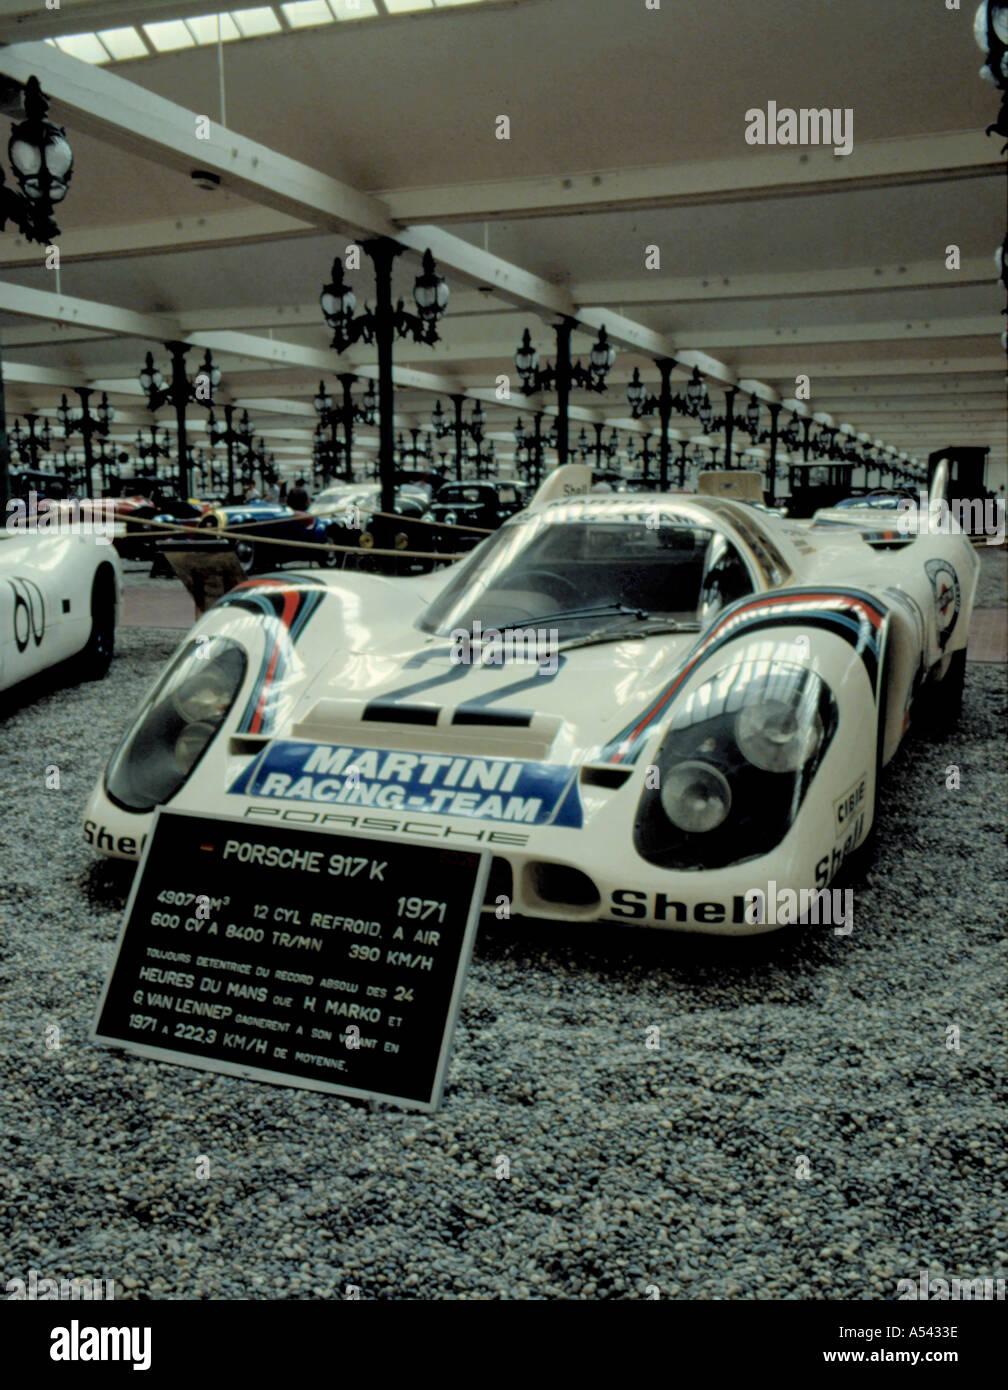 Musée De L'automobile Le Mans : musée, l'automobile, Museum, France, Resolution, Stock, Photography, Images, Alamy